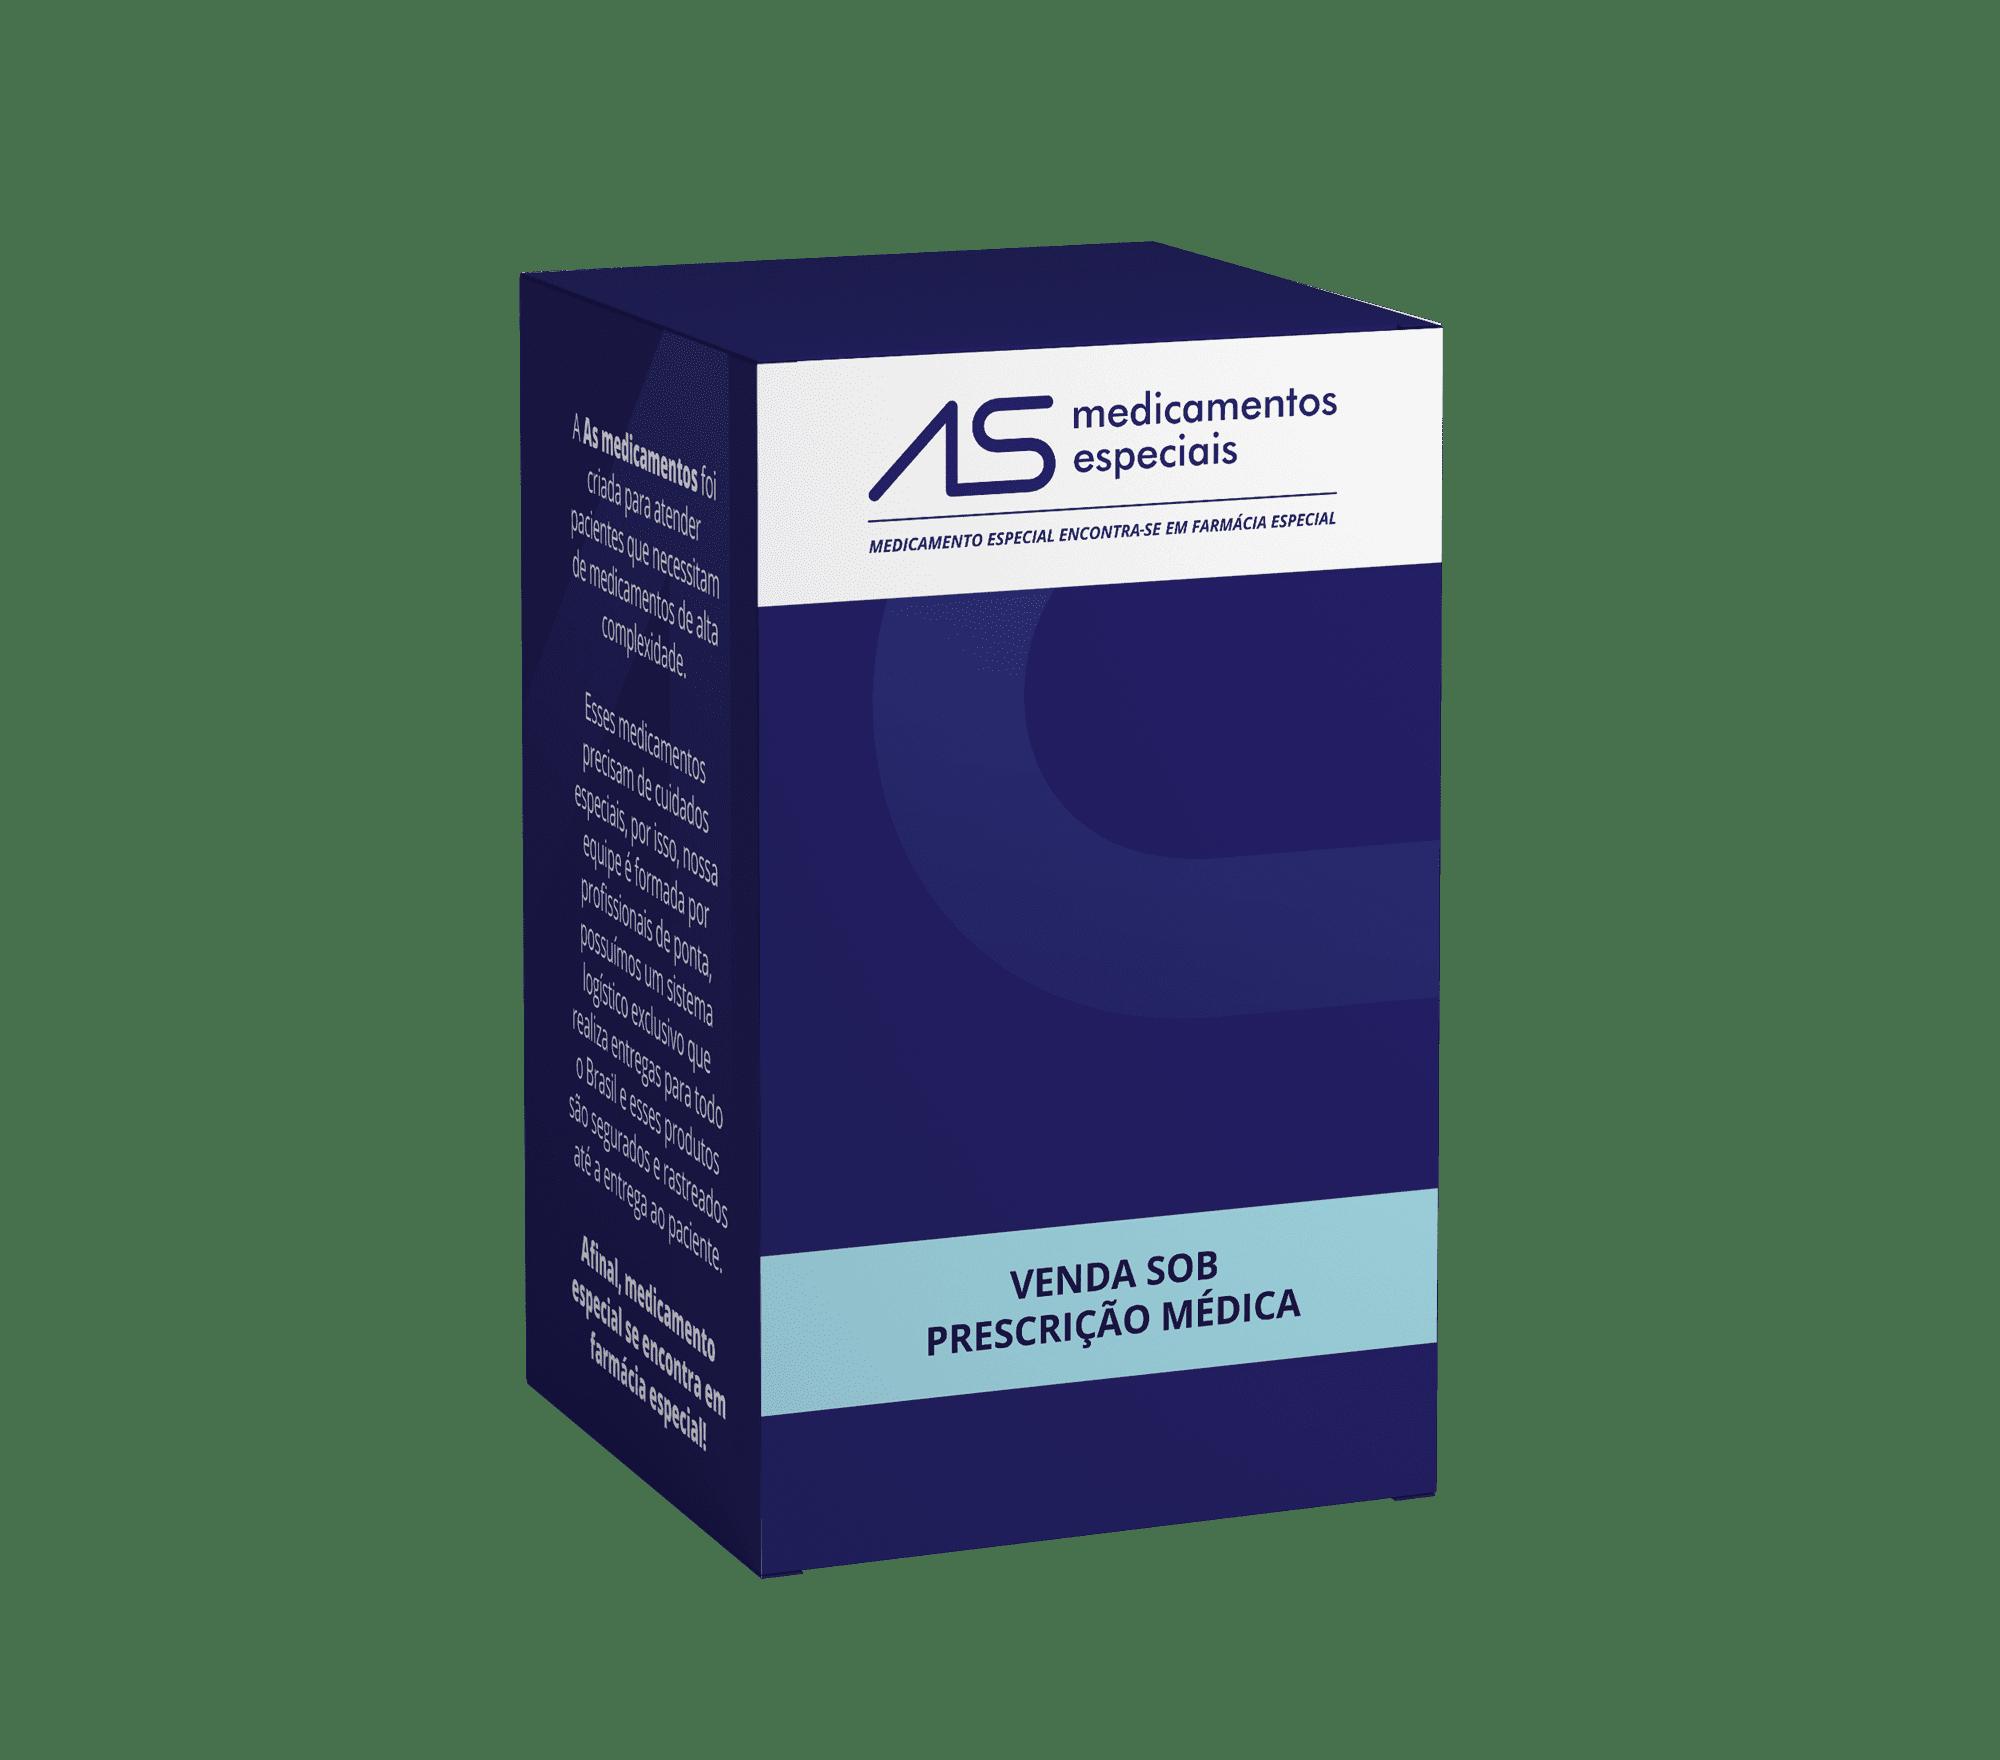 OZEMPIC 1MG 3MI, CANETA C/4 AGULHAS (preço especial na descrição)